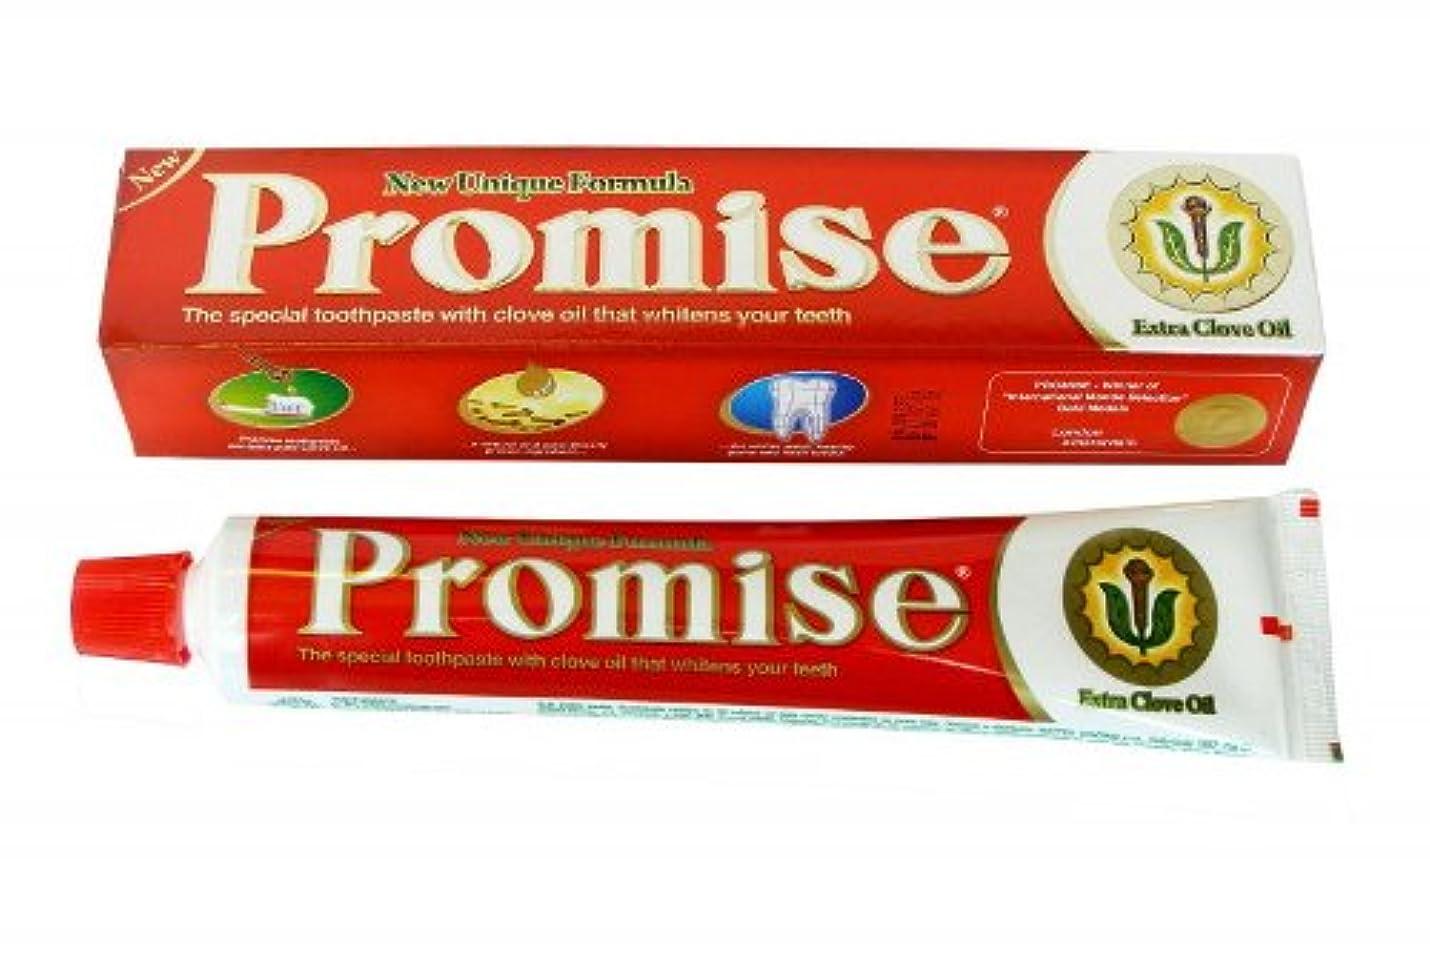 成功した病的なめらかなDabur Promise チョコレートオイル入り練り歯磨き 150g 2個 [並行輸入品]